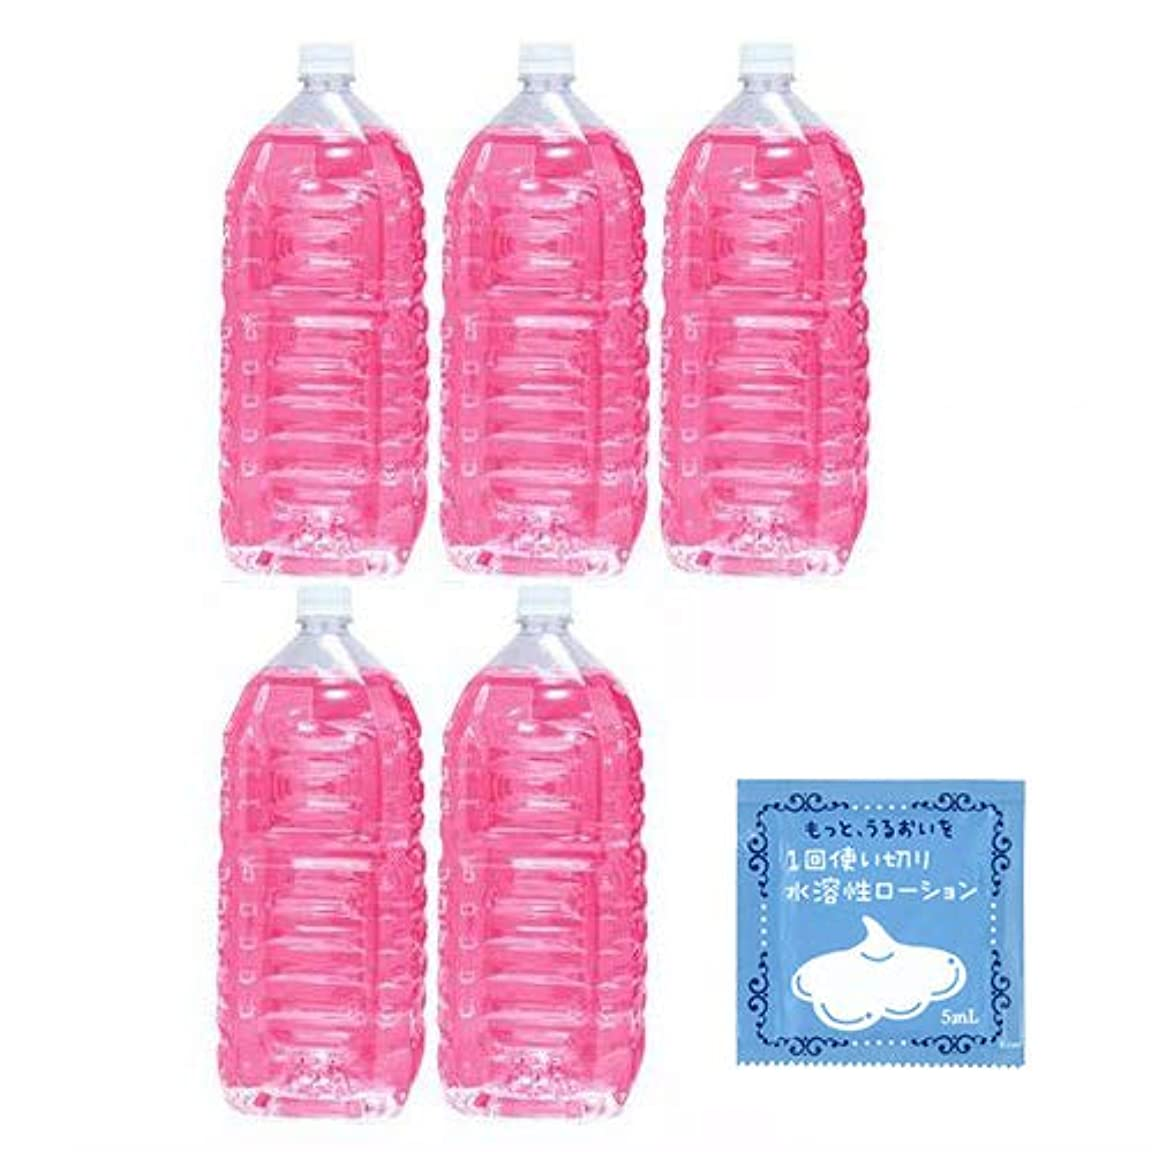 品偏心バブルピンクローション 2Lペットボトル ハードタイプ(5倍濃縮原液)業務用ローション ×5本セット + 1回使い切り水溶性潤滑ローション